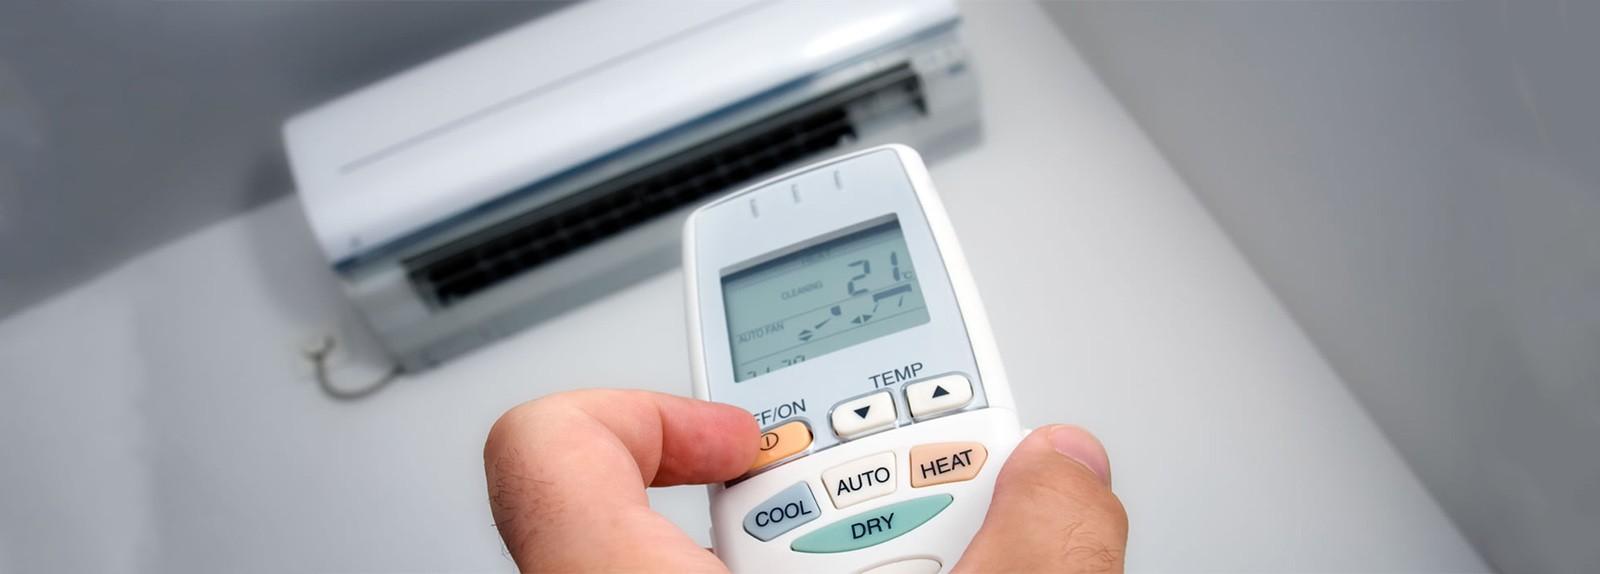 включение кондиционера на отопление